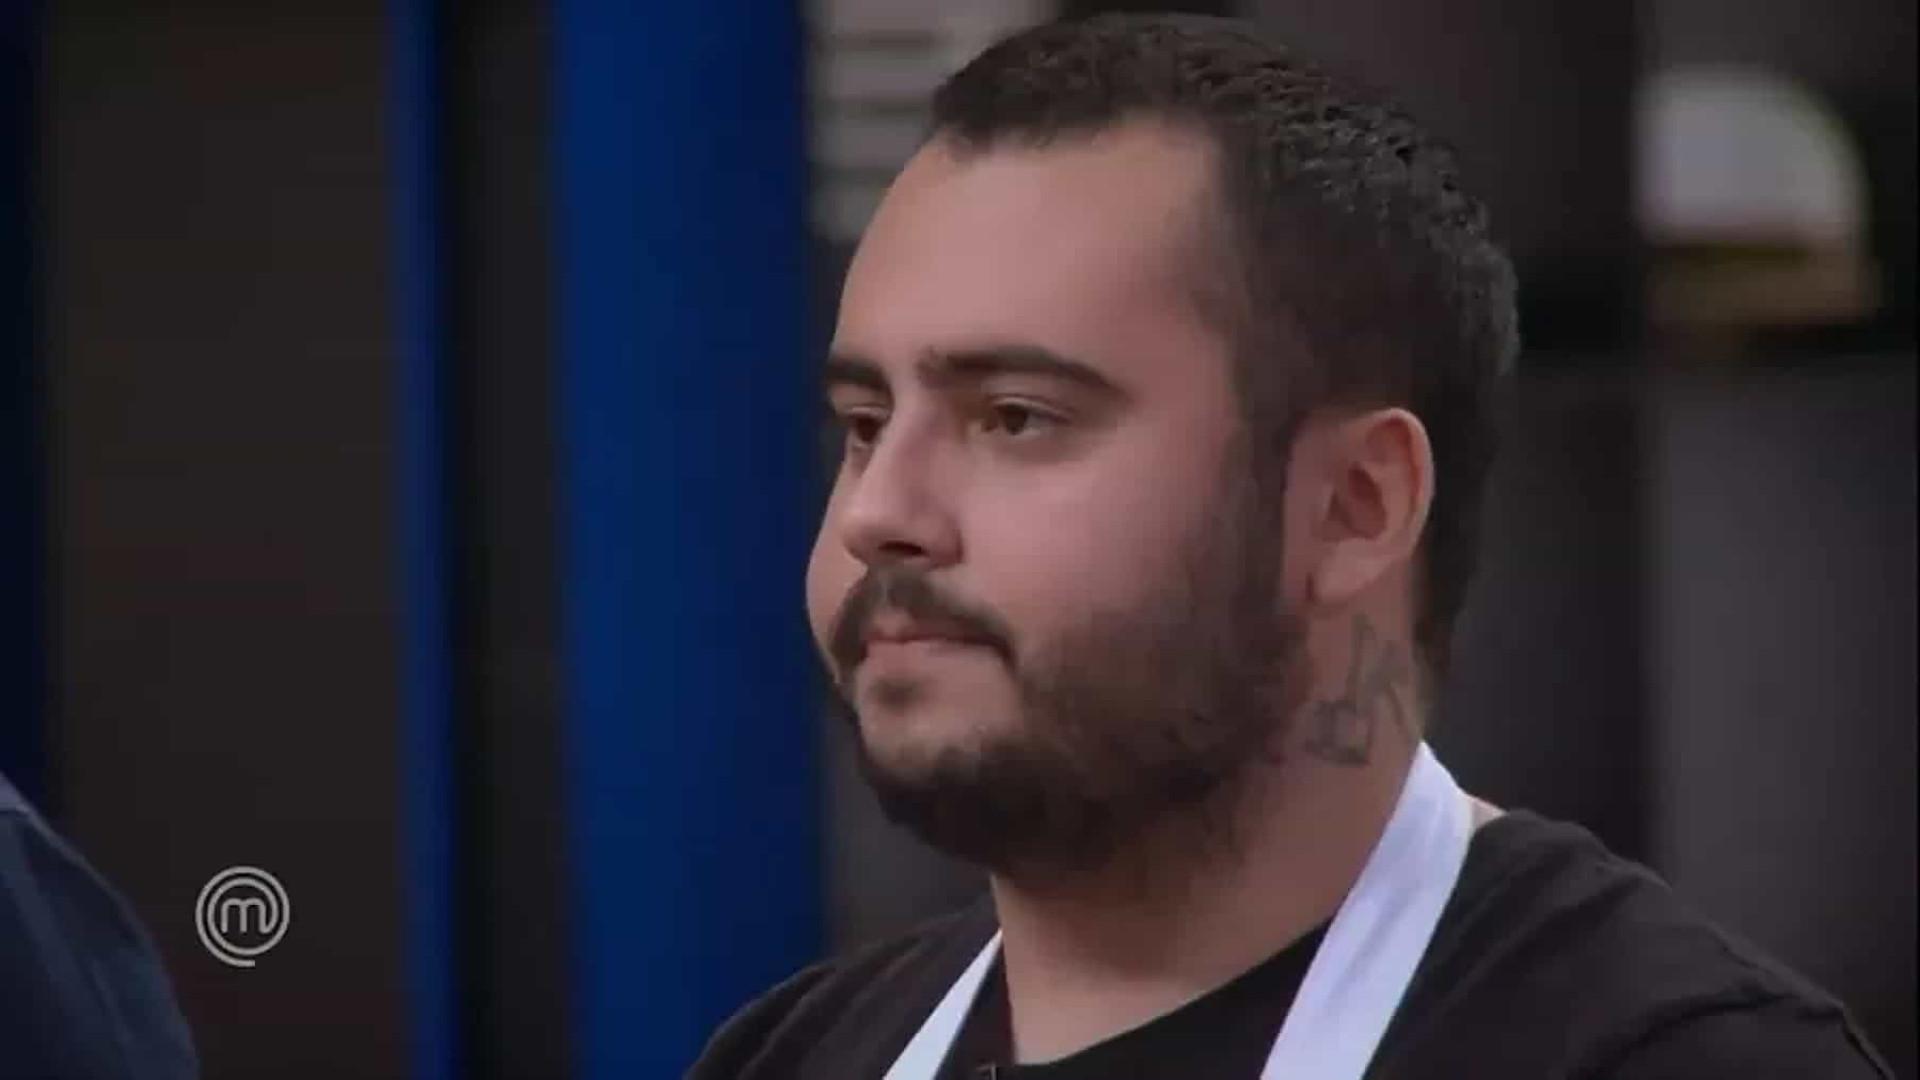 Antônio é eliminado do Masterchef ao errar em receita inspirada no pai de Fogaça